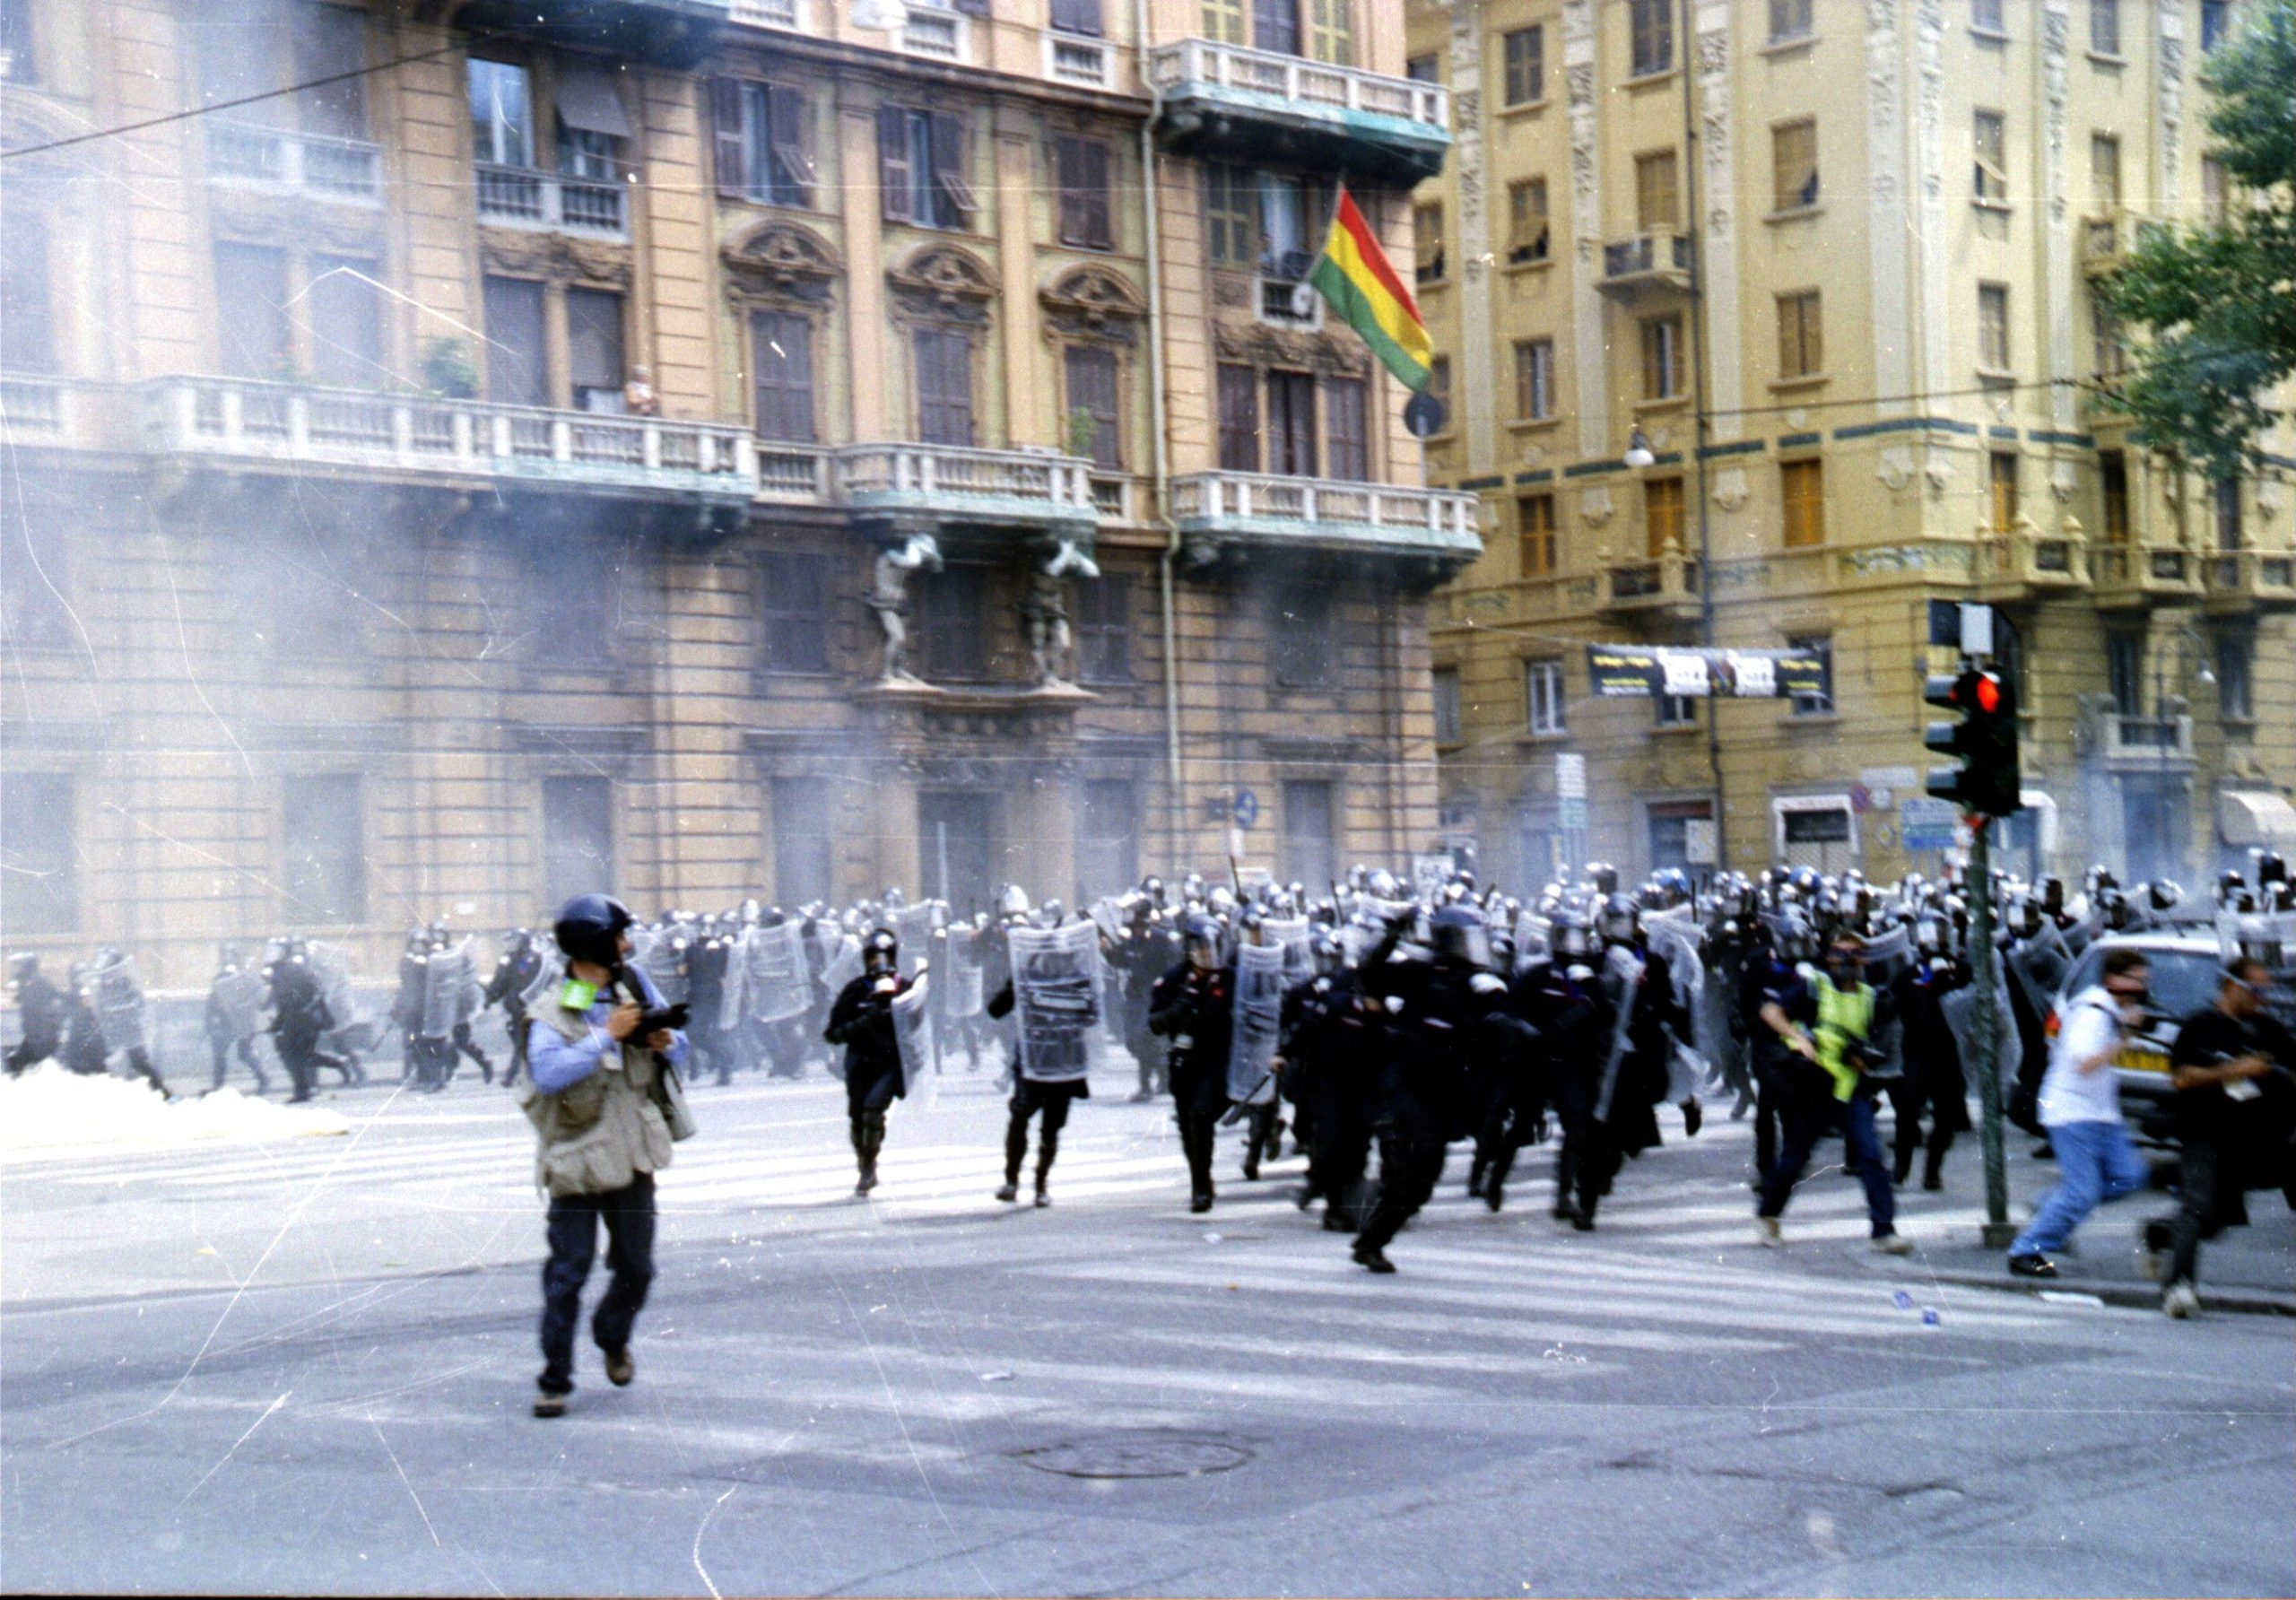 """Vent'anni dal G8 di Genova. Il ricordo di Andrea Messina: """"Si parla solo delle violenze, ma quelle istanze sono ancora attuali"""""""